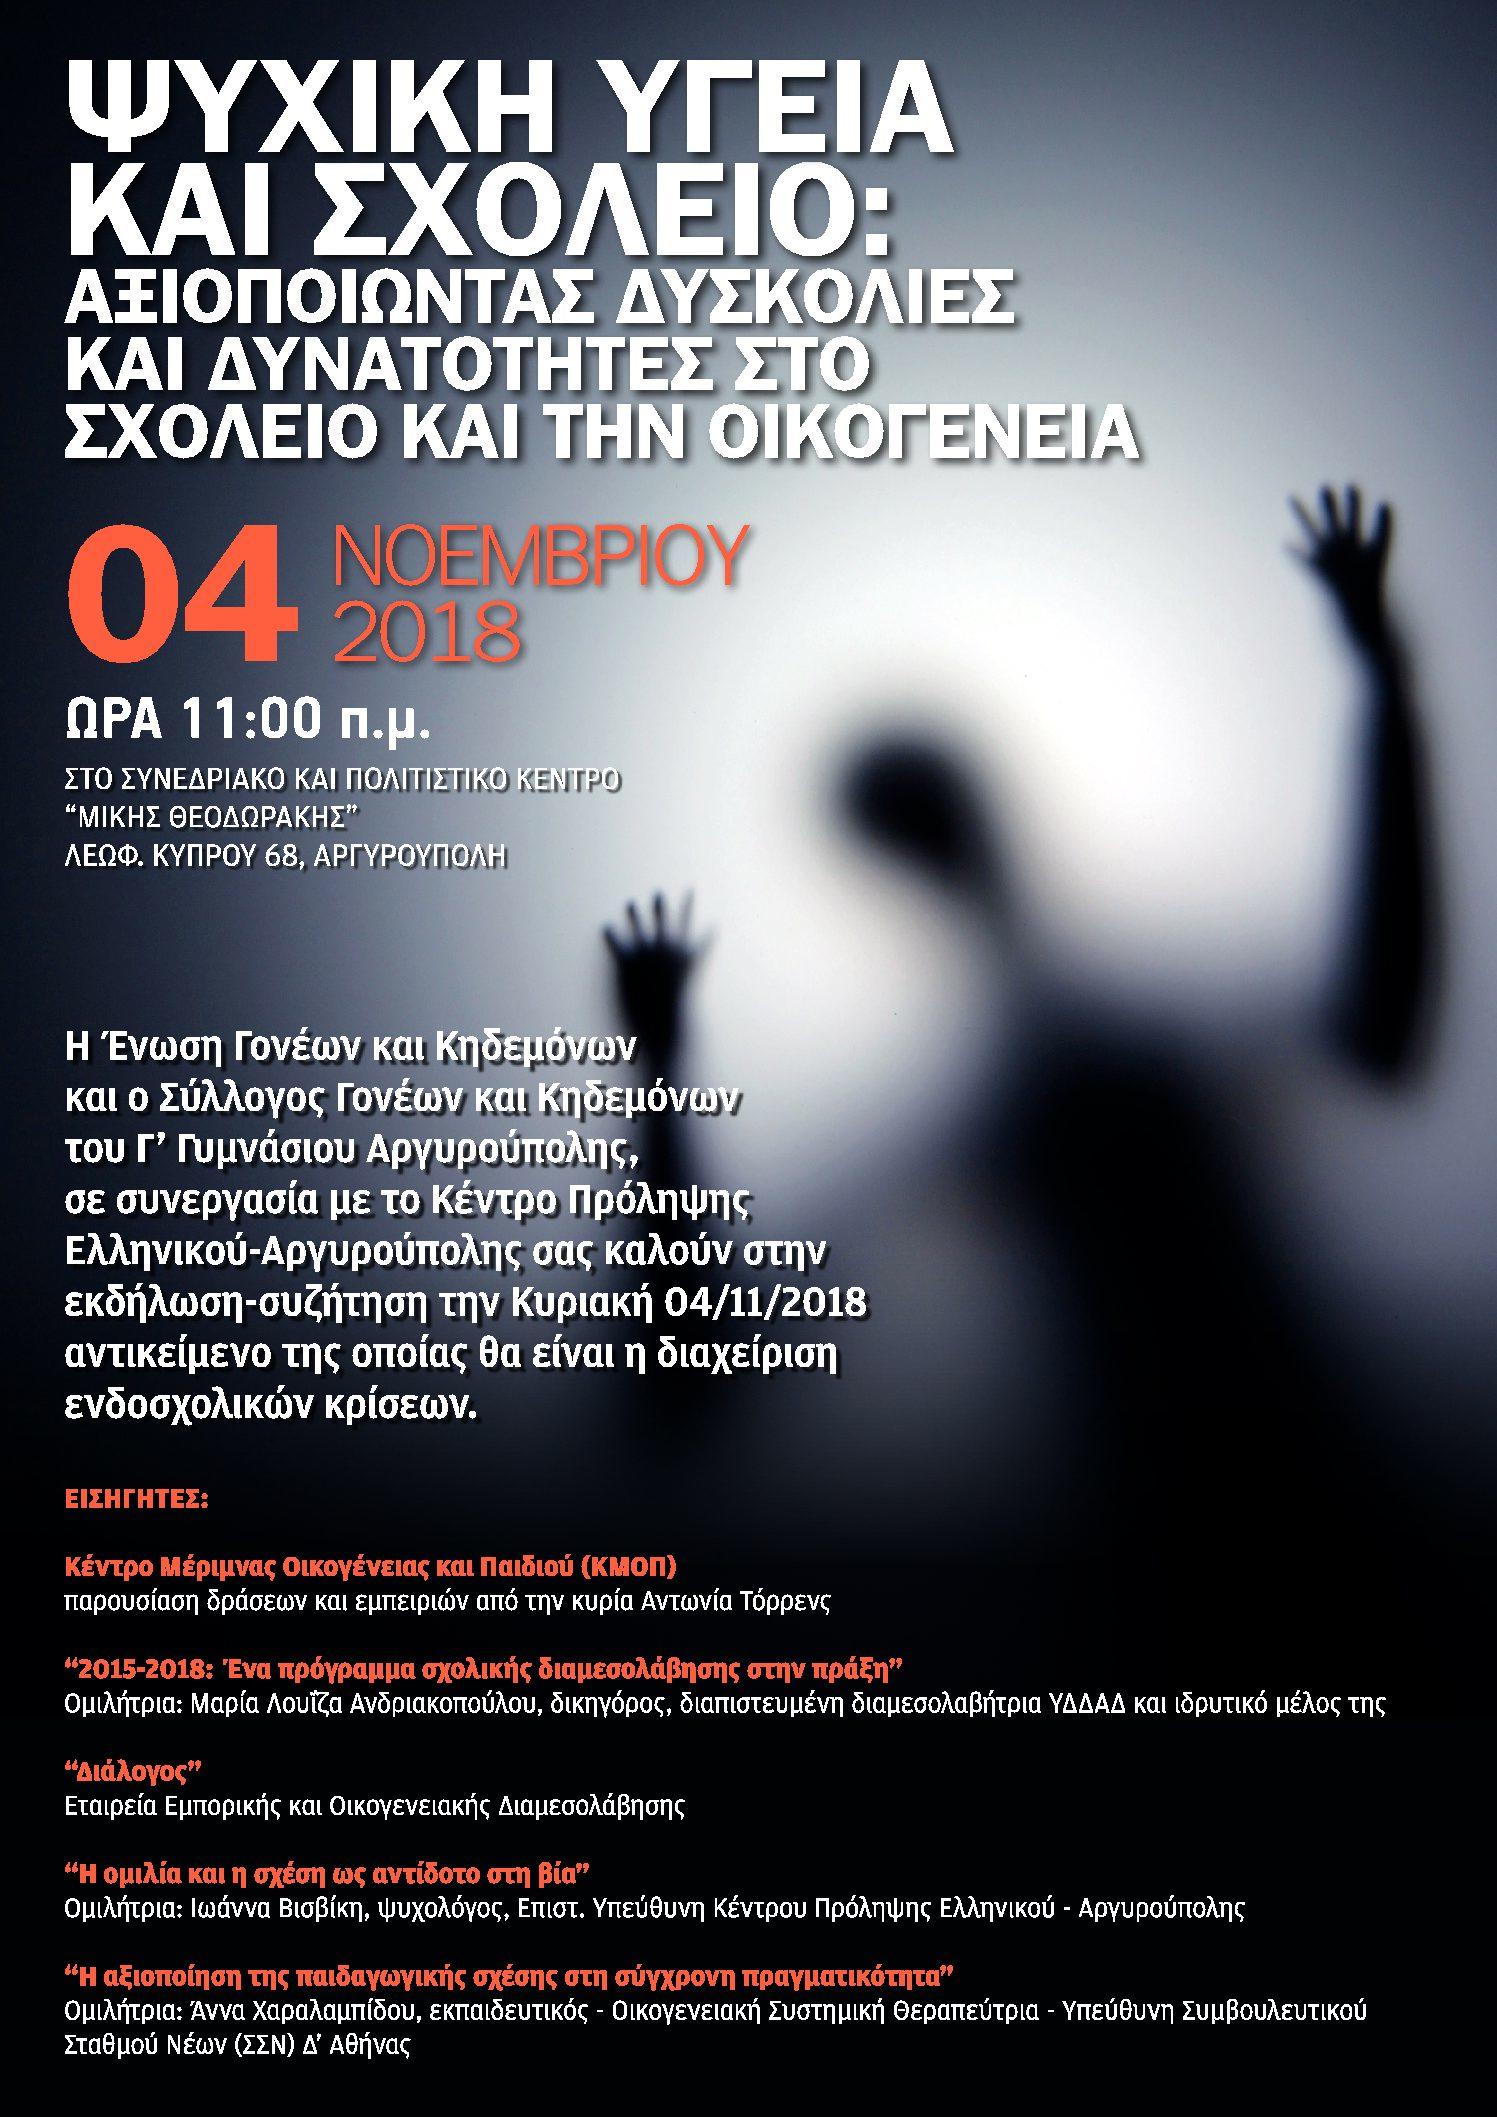 Εκδήλωση - Ομιλία: Ψυχική υγεία και Σχολείο